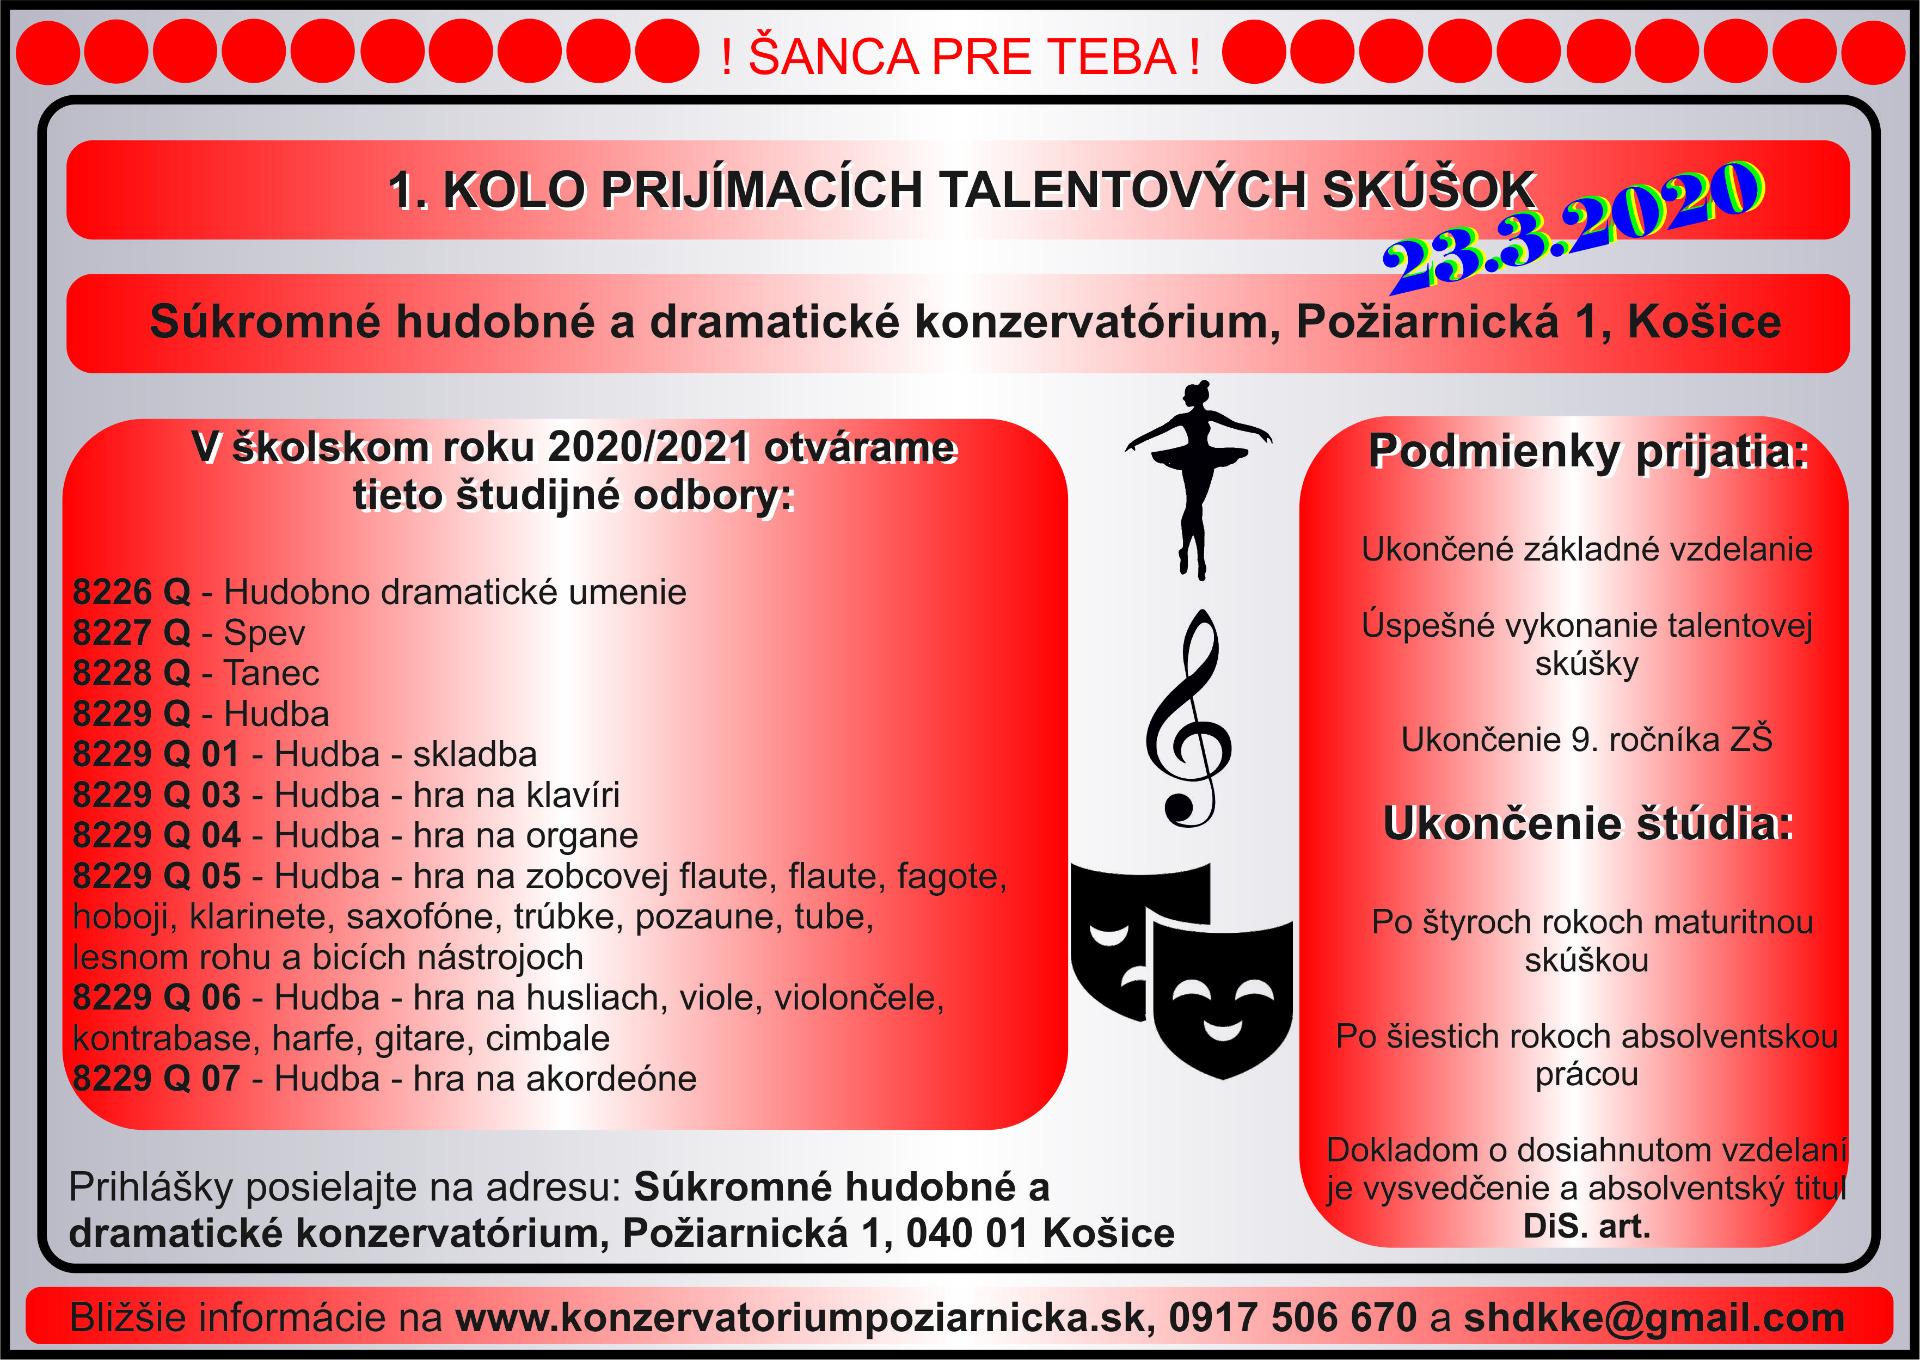 Súkromné hudobné a dramatické konzervatórium - Text 049c32d0b30